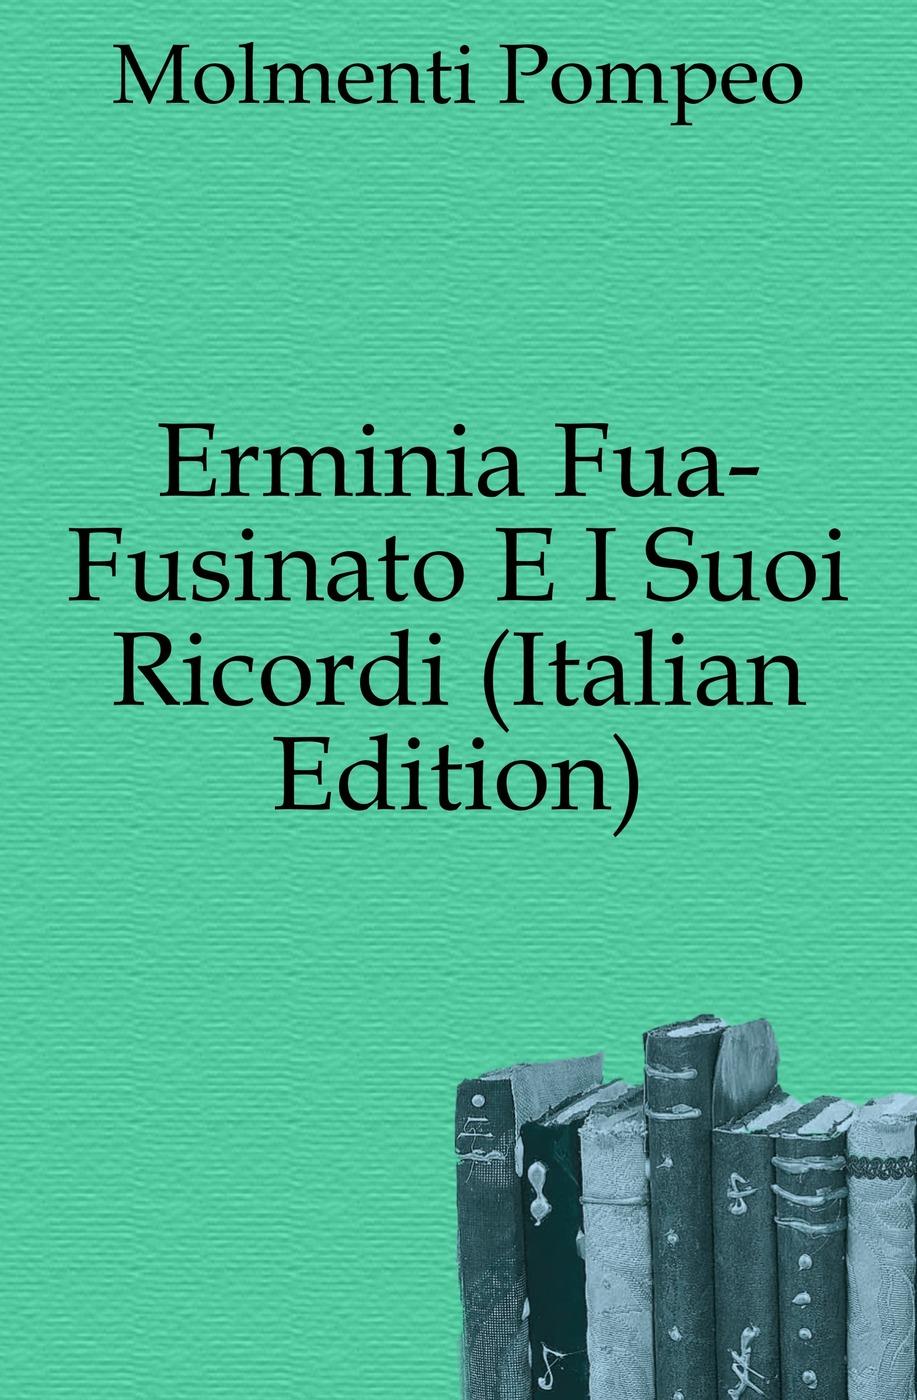 Pompeo Molmenti Erminia Fua-Fusinato E I Suoi Ricordi (Italian Edition) fuà fusinato erminia versi italian edition